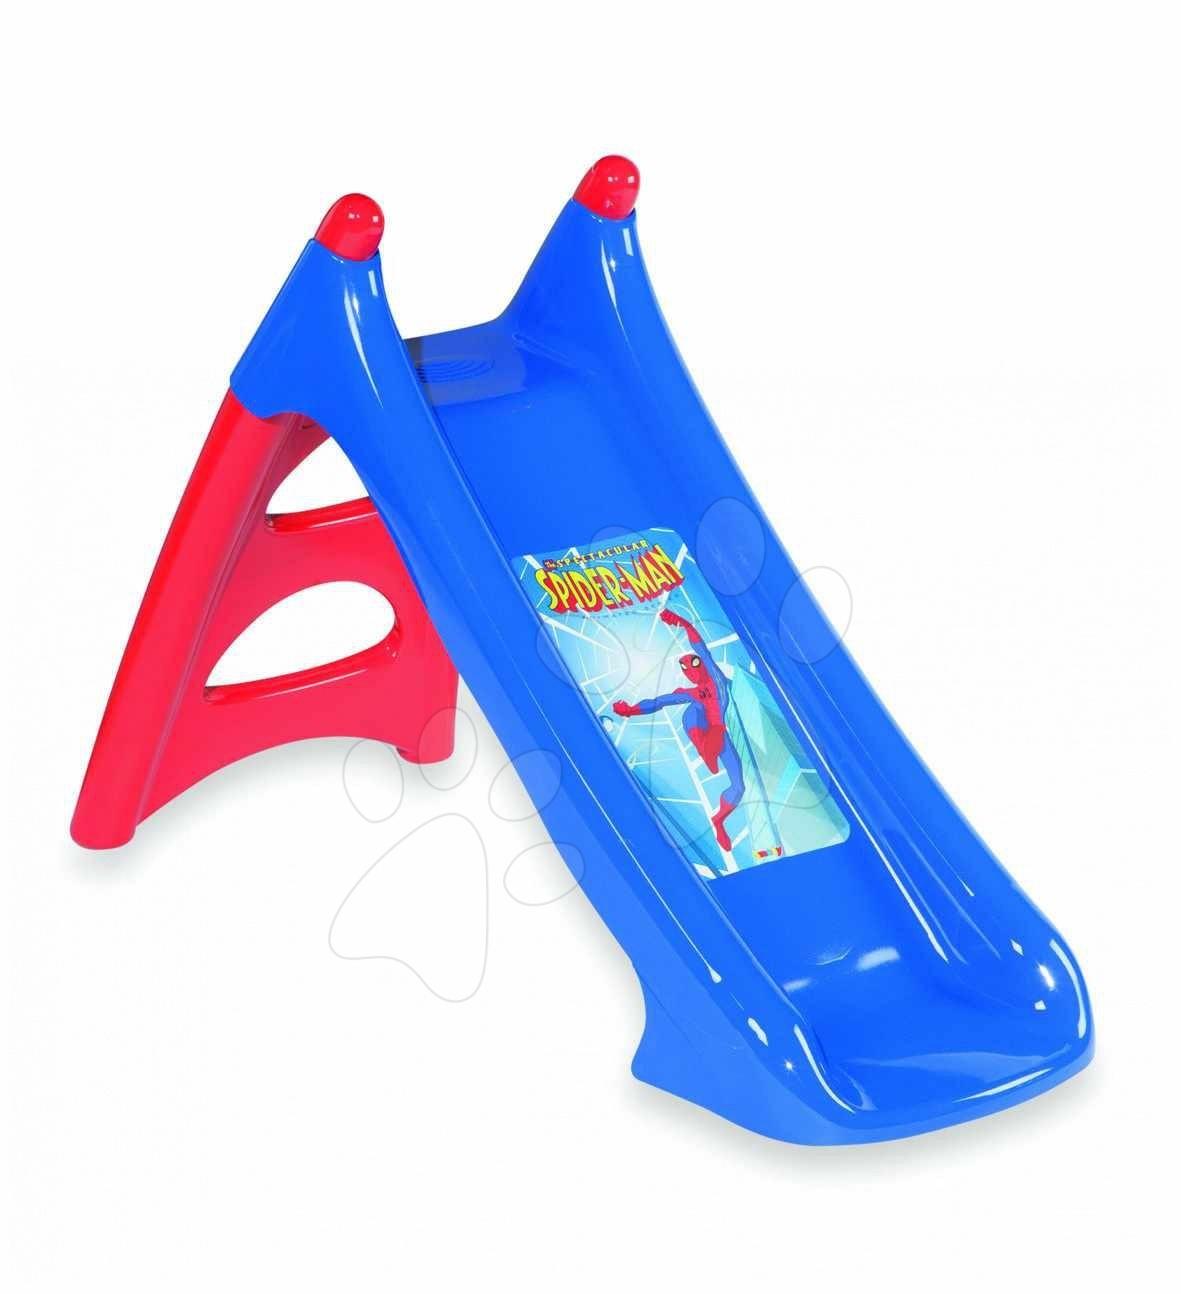 Tobogane pentru copii - Tobogan mic Spiderman Smoby cu filtru UV înălțime 90 cm suprafață de alunecare de 75 cm de la 24 de luni